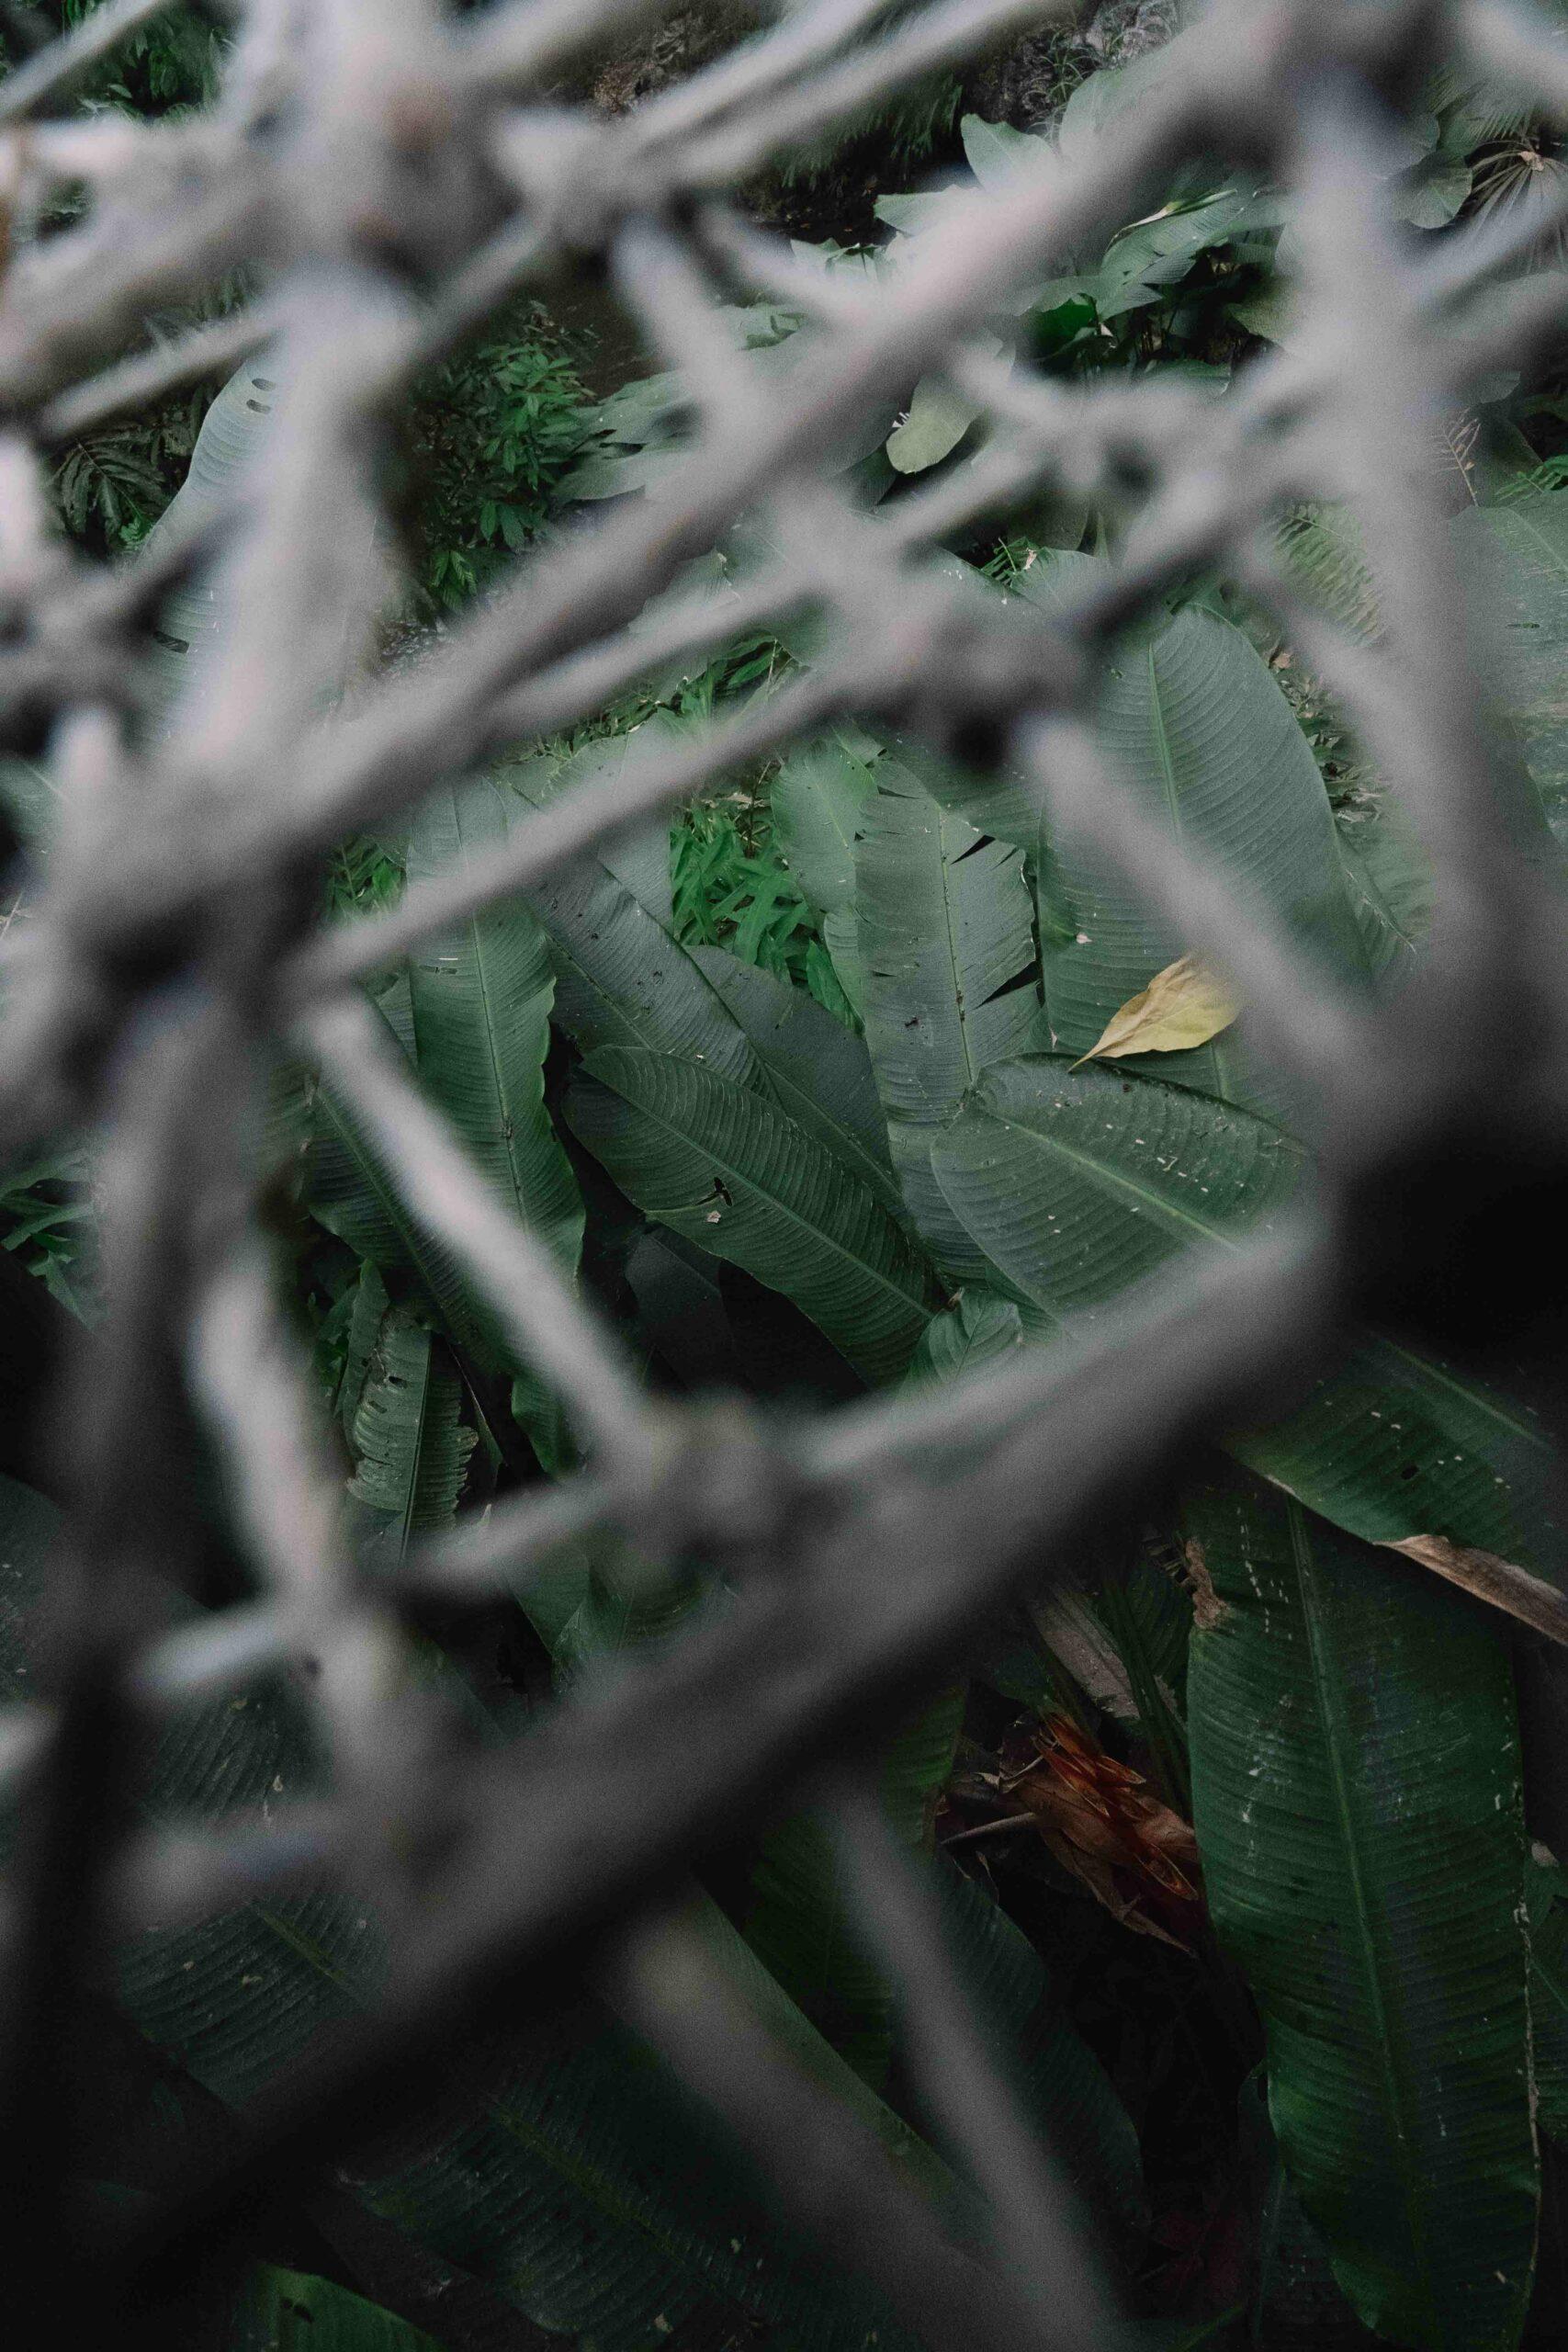 jungle_nature_métal_barbelés_hugo_clément